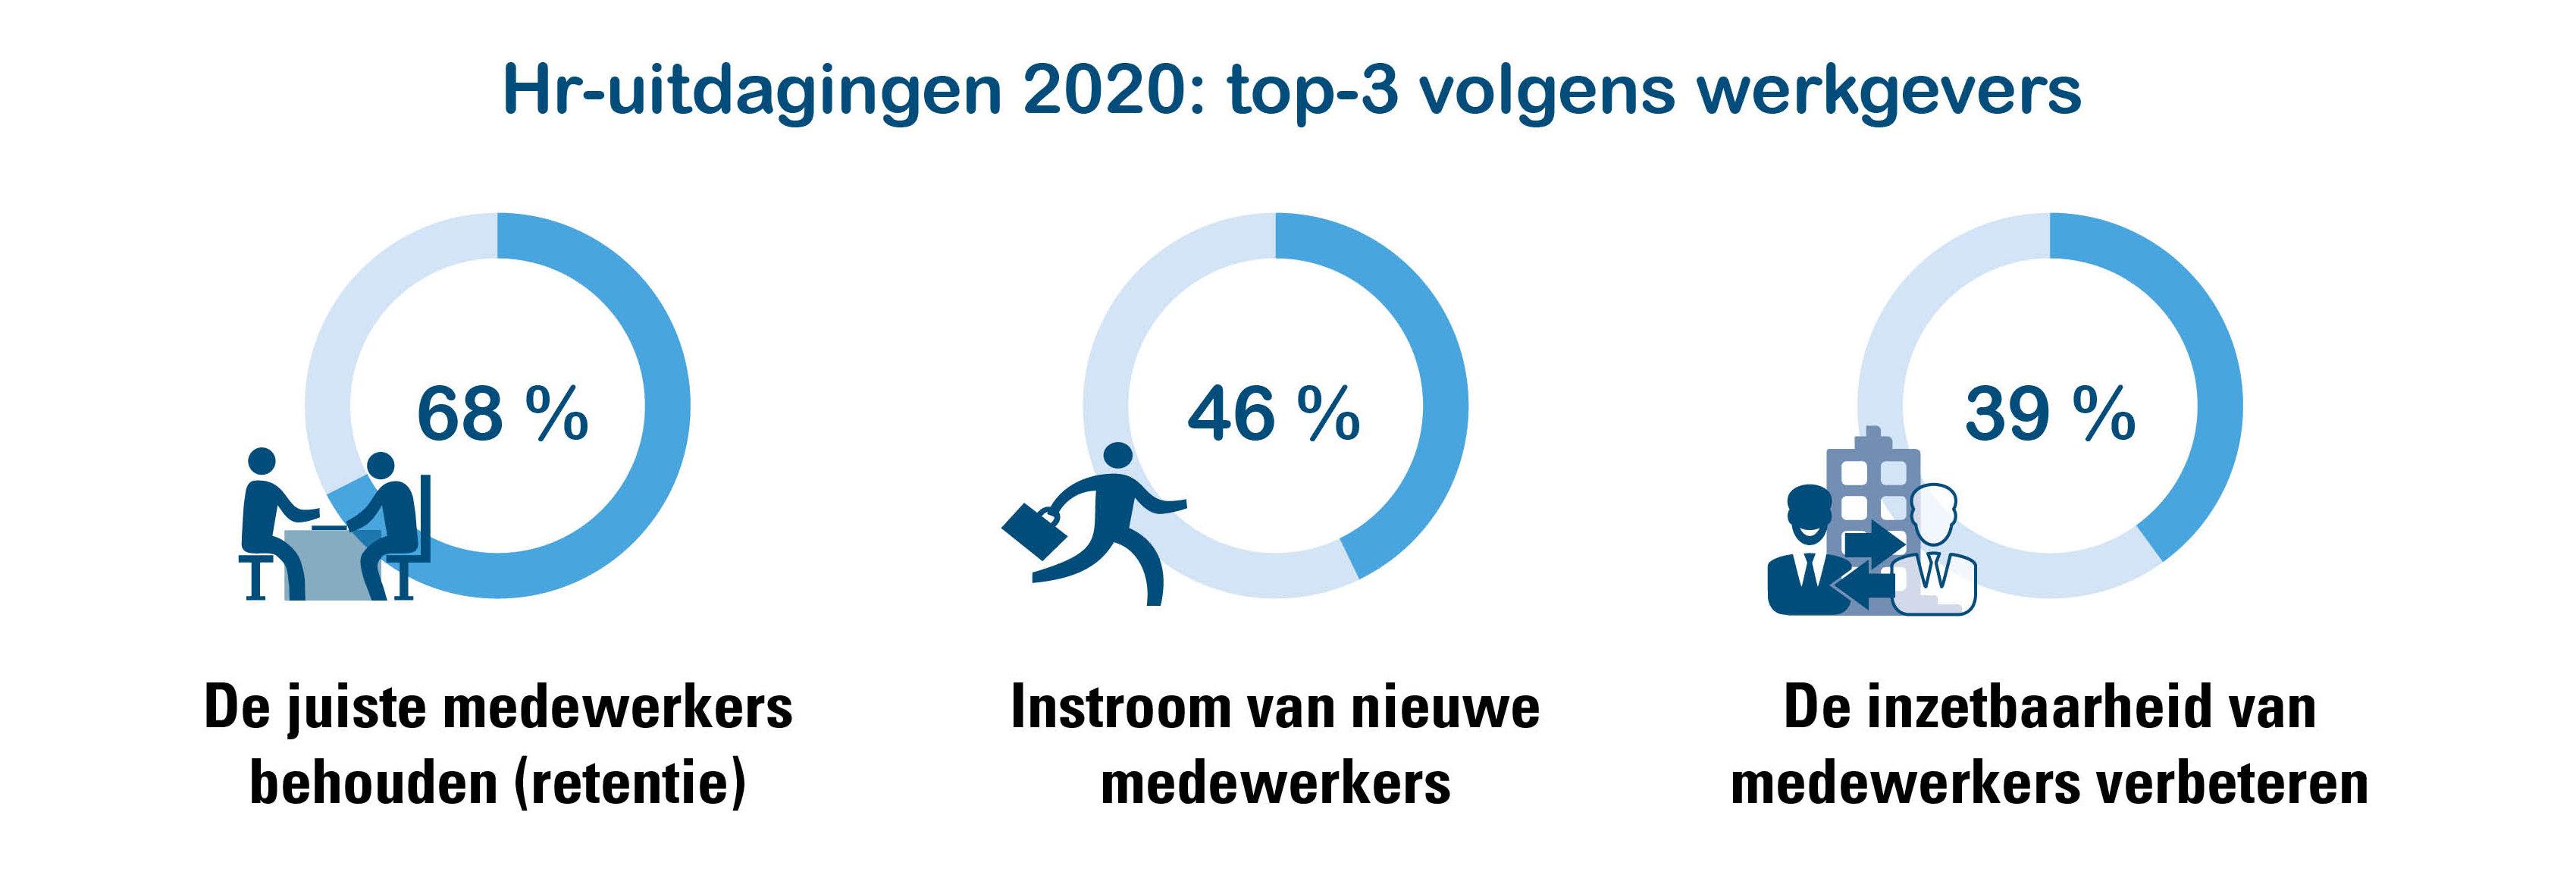 Hr-uitdagingen voor 2020 die het vaakst voorkomen in de top-3 van werkgevers